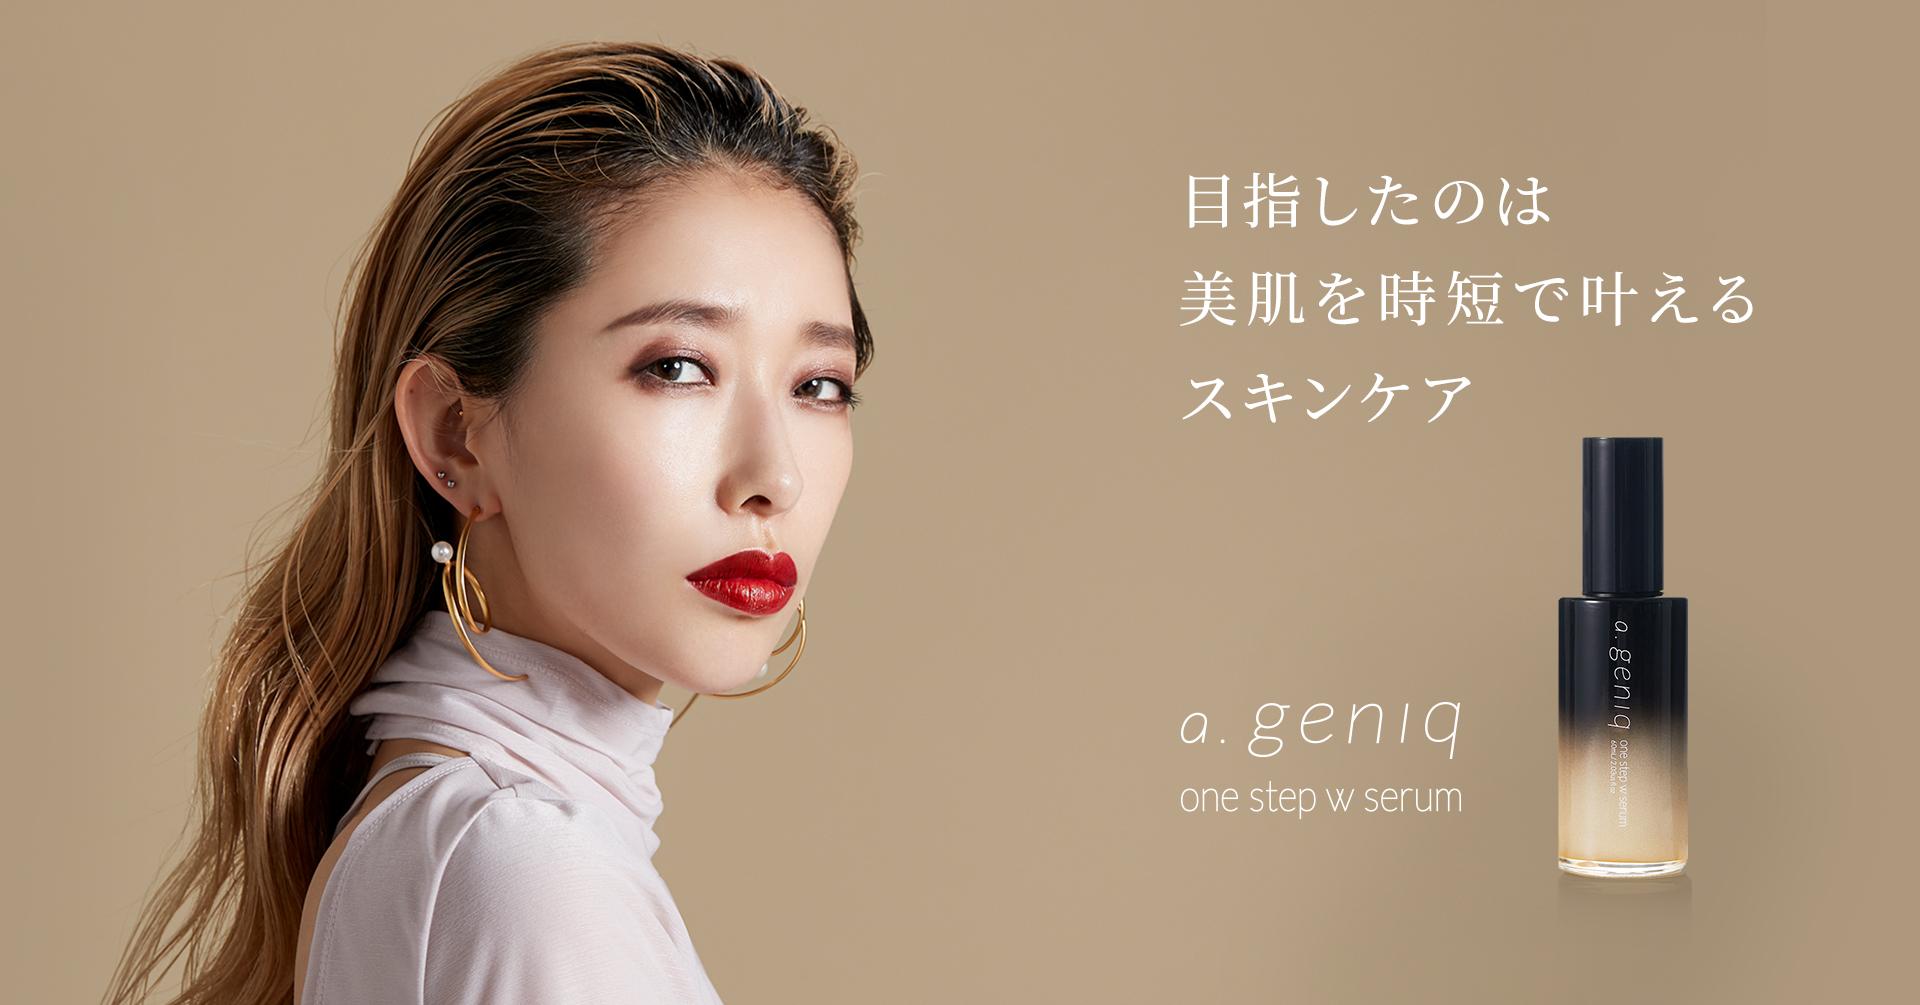 加藤ミリヤ プロデュースの新スキンケアブランド『a.geniq』